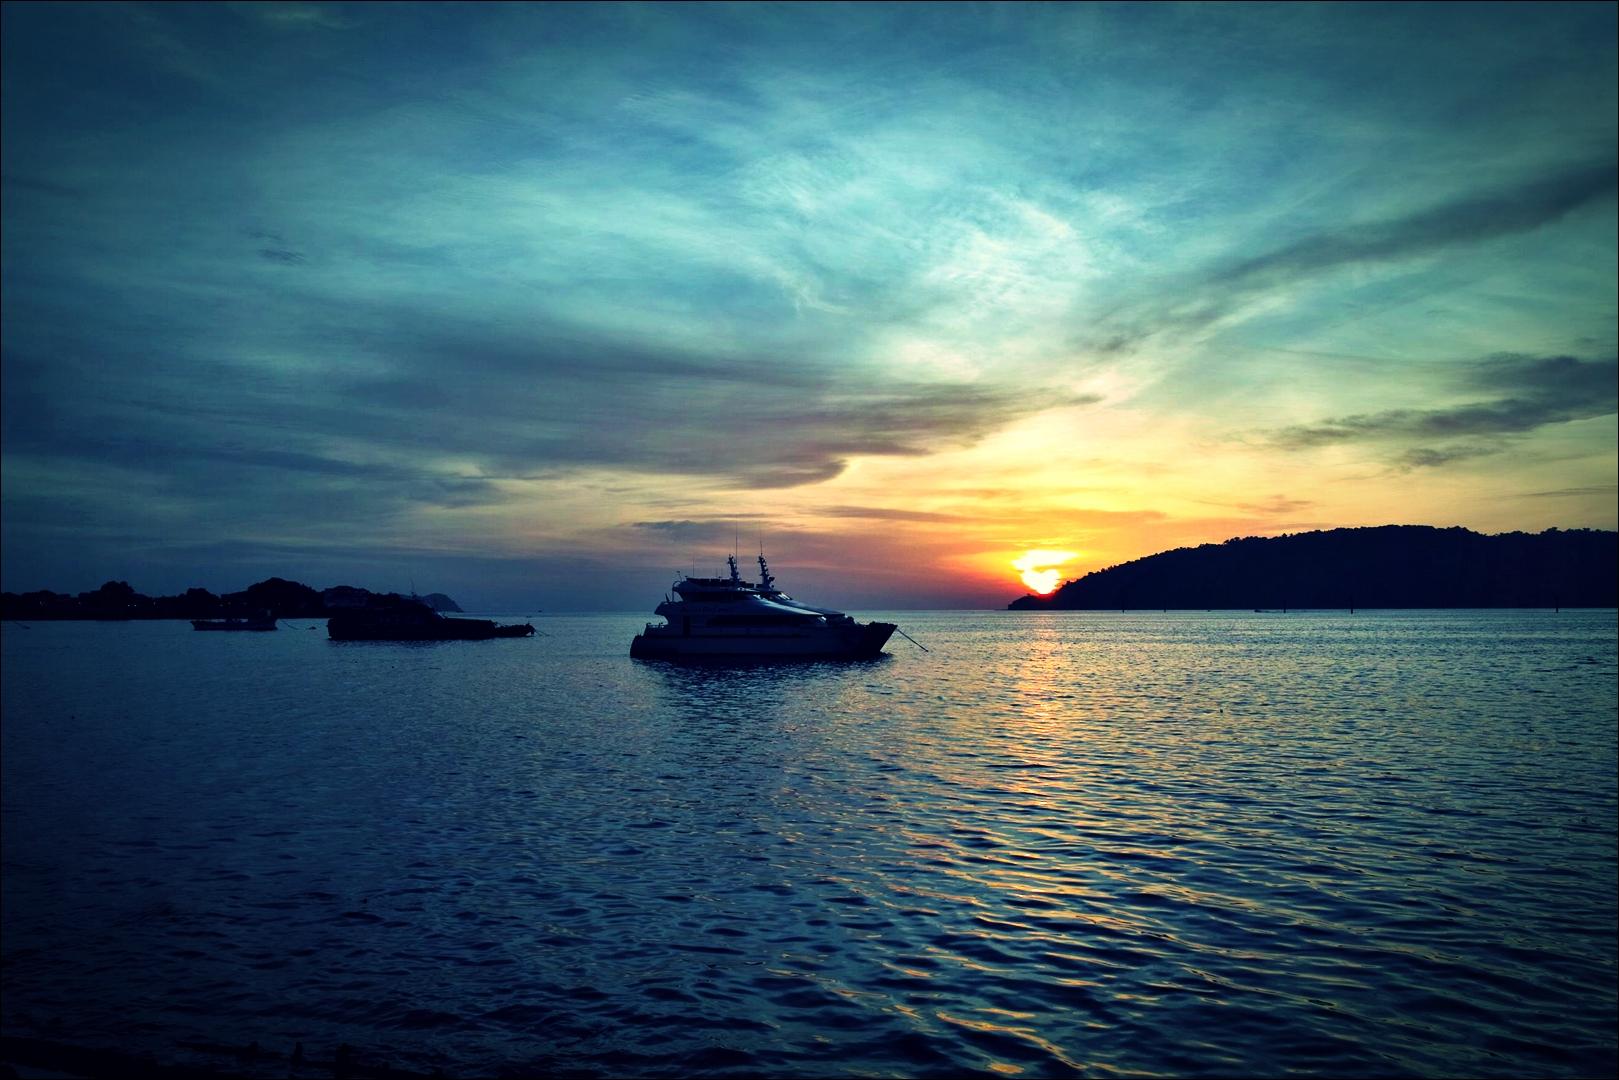 석양-'코타키나발루 둘러보기 Sightseeing Kota Kinabalu '